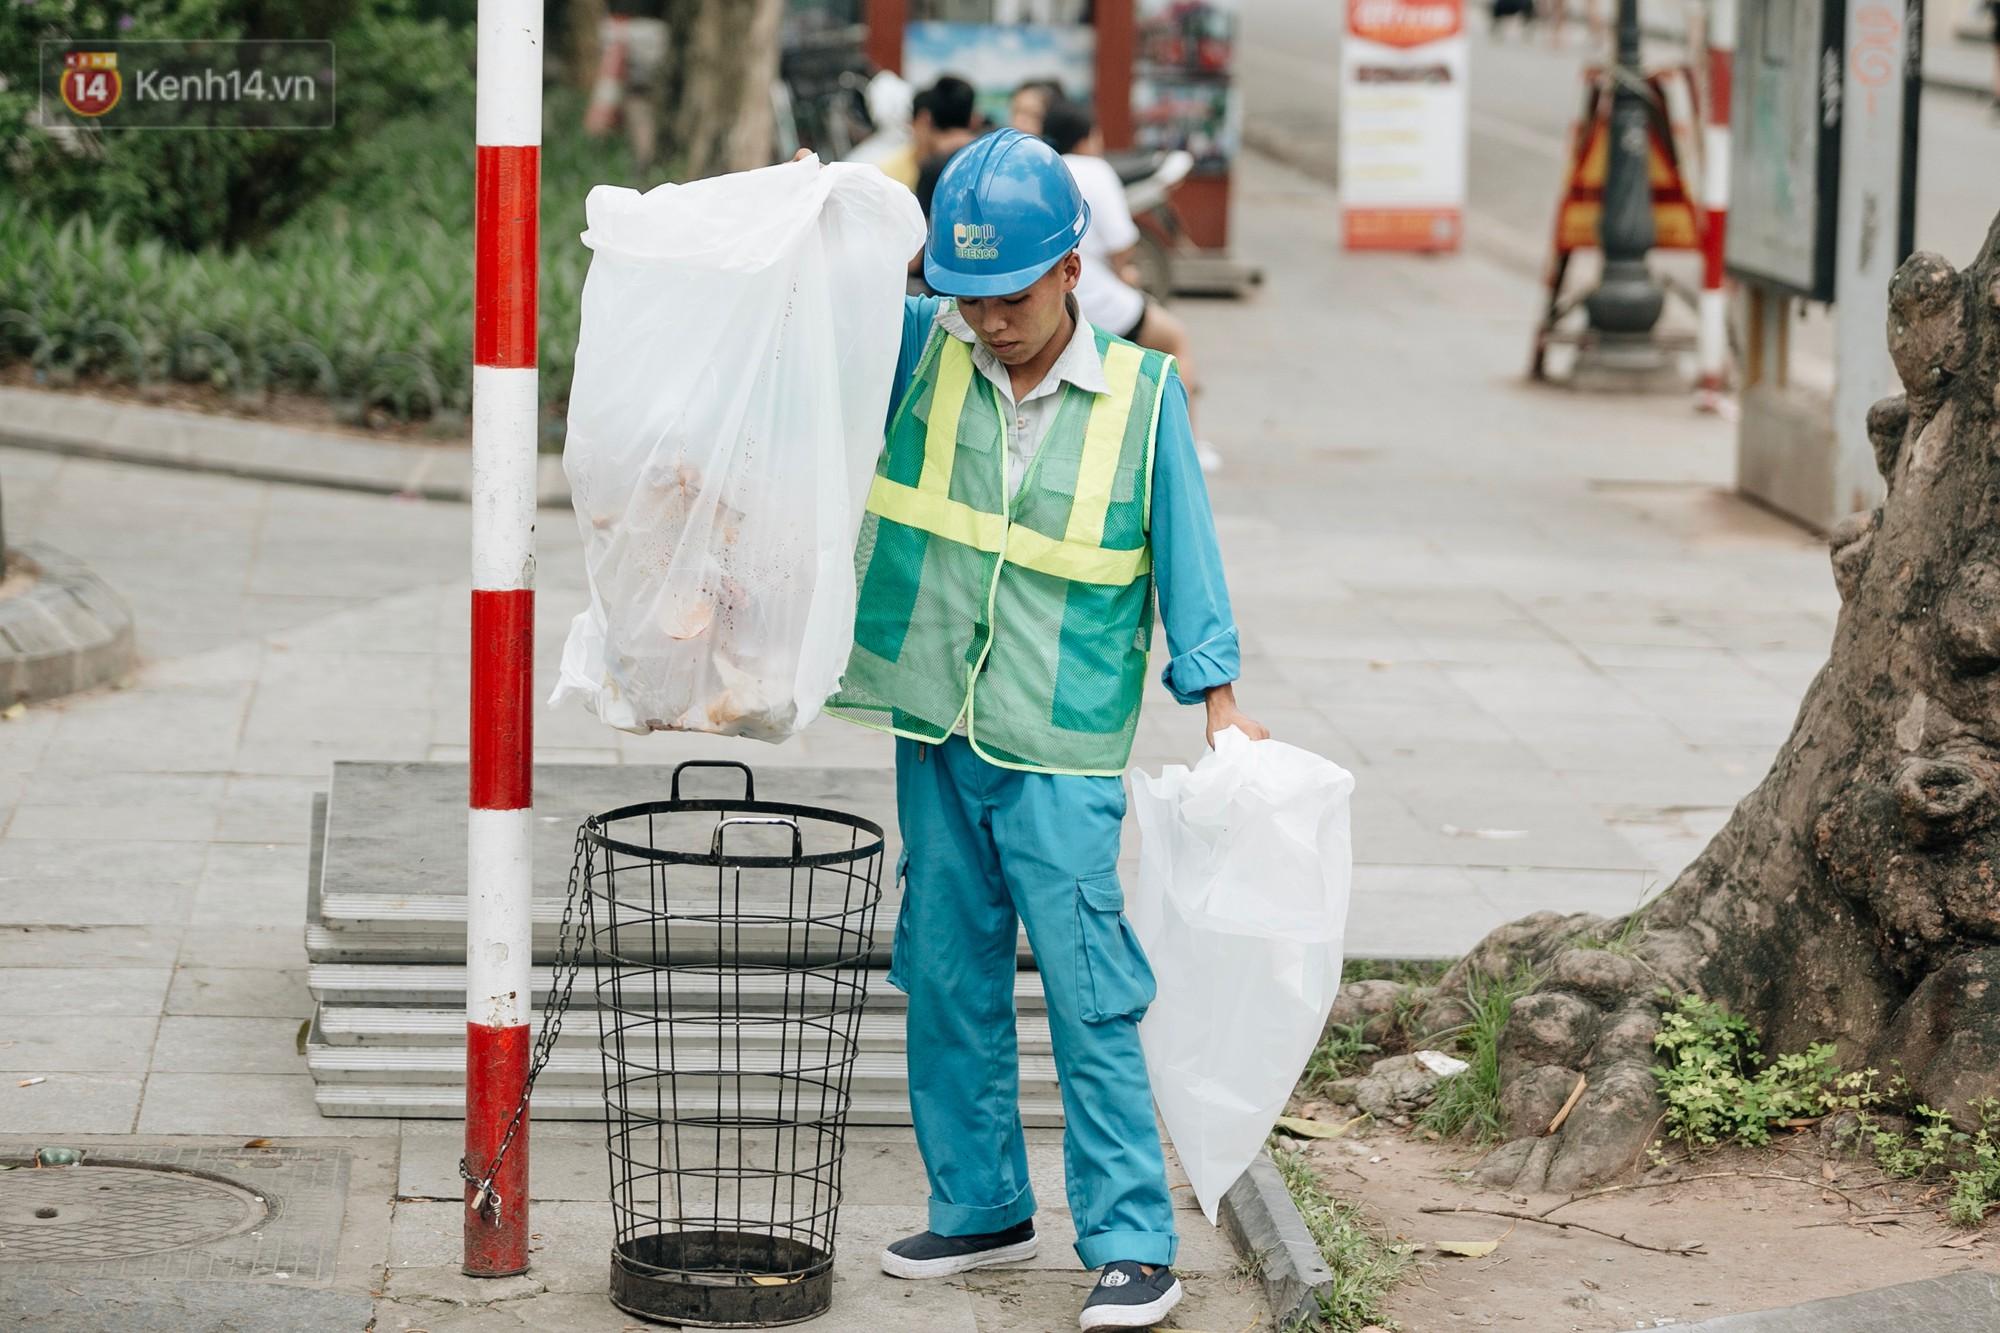 Phố đi bộ Hồ Gươm đẹp đẽ, sạch bong sau khi treo biển sẽ ghi hình, xử phạt 7 triệu đồng nếu vứt rác bừa bãi - Ảnh 11.